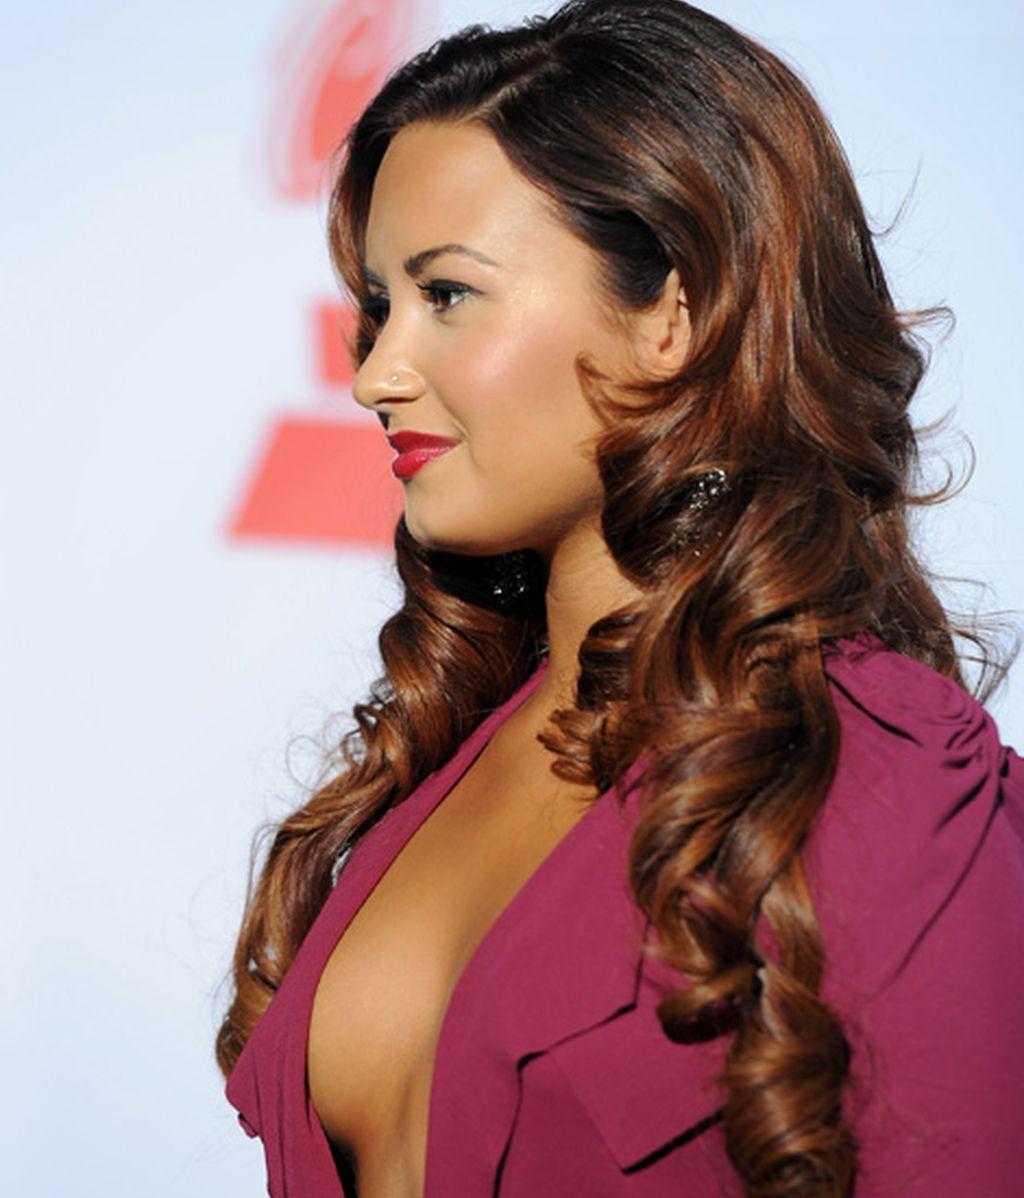 Demo Lovato